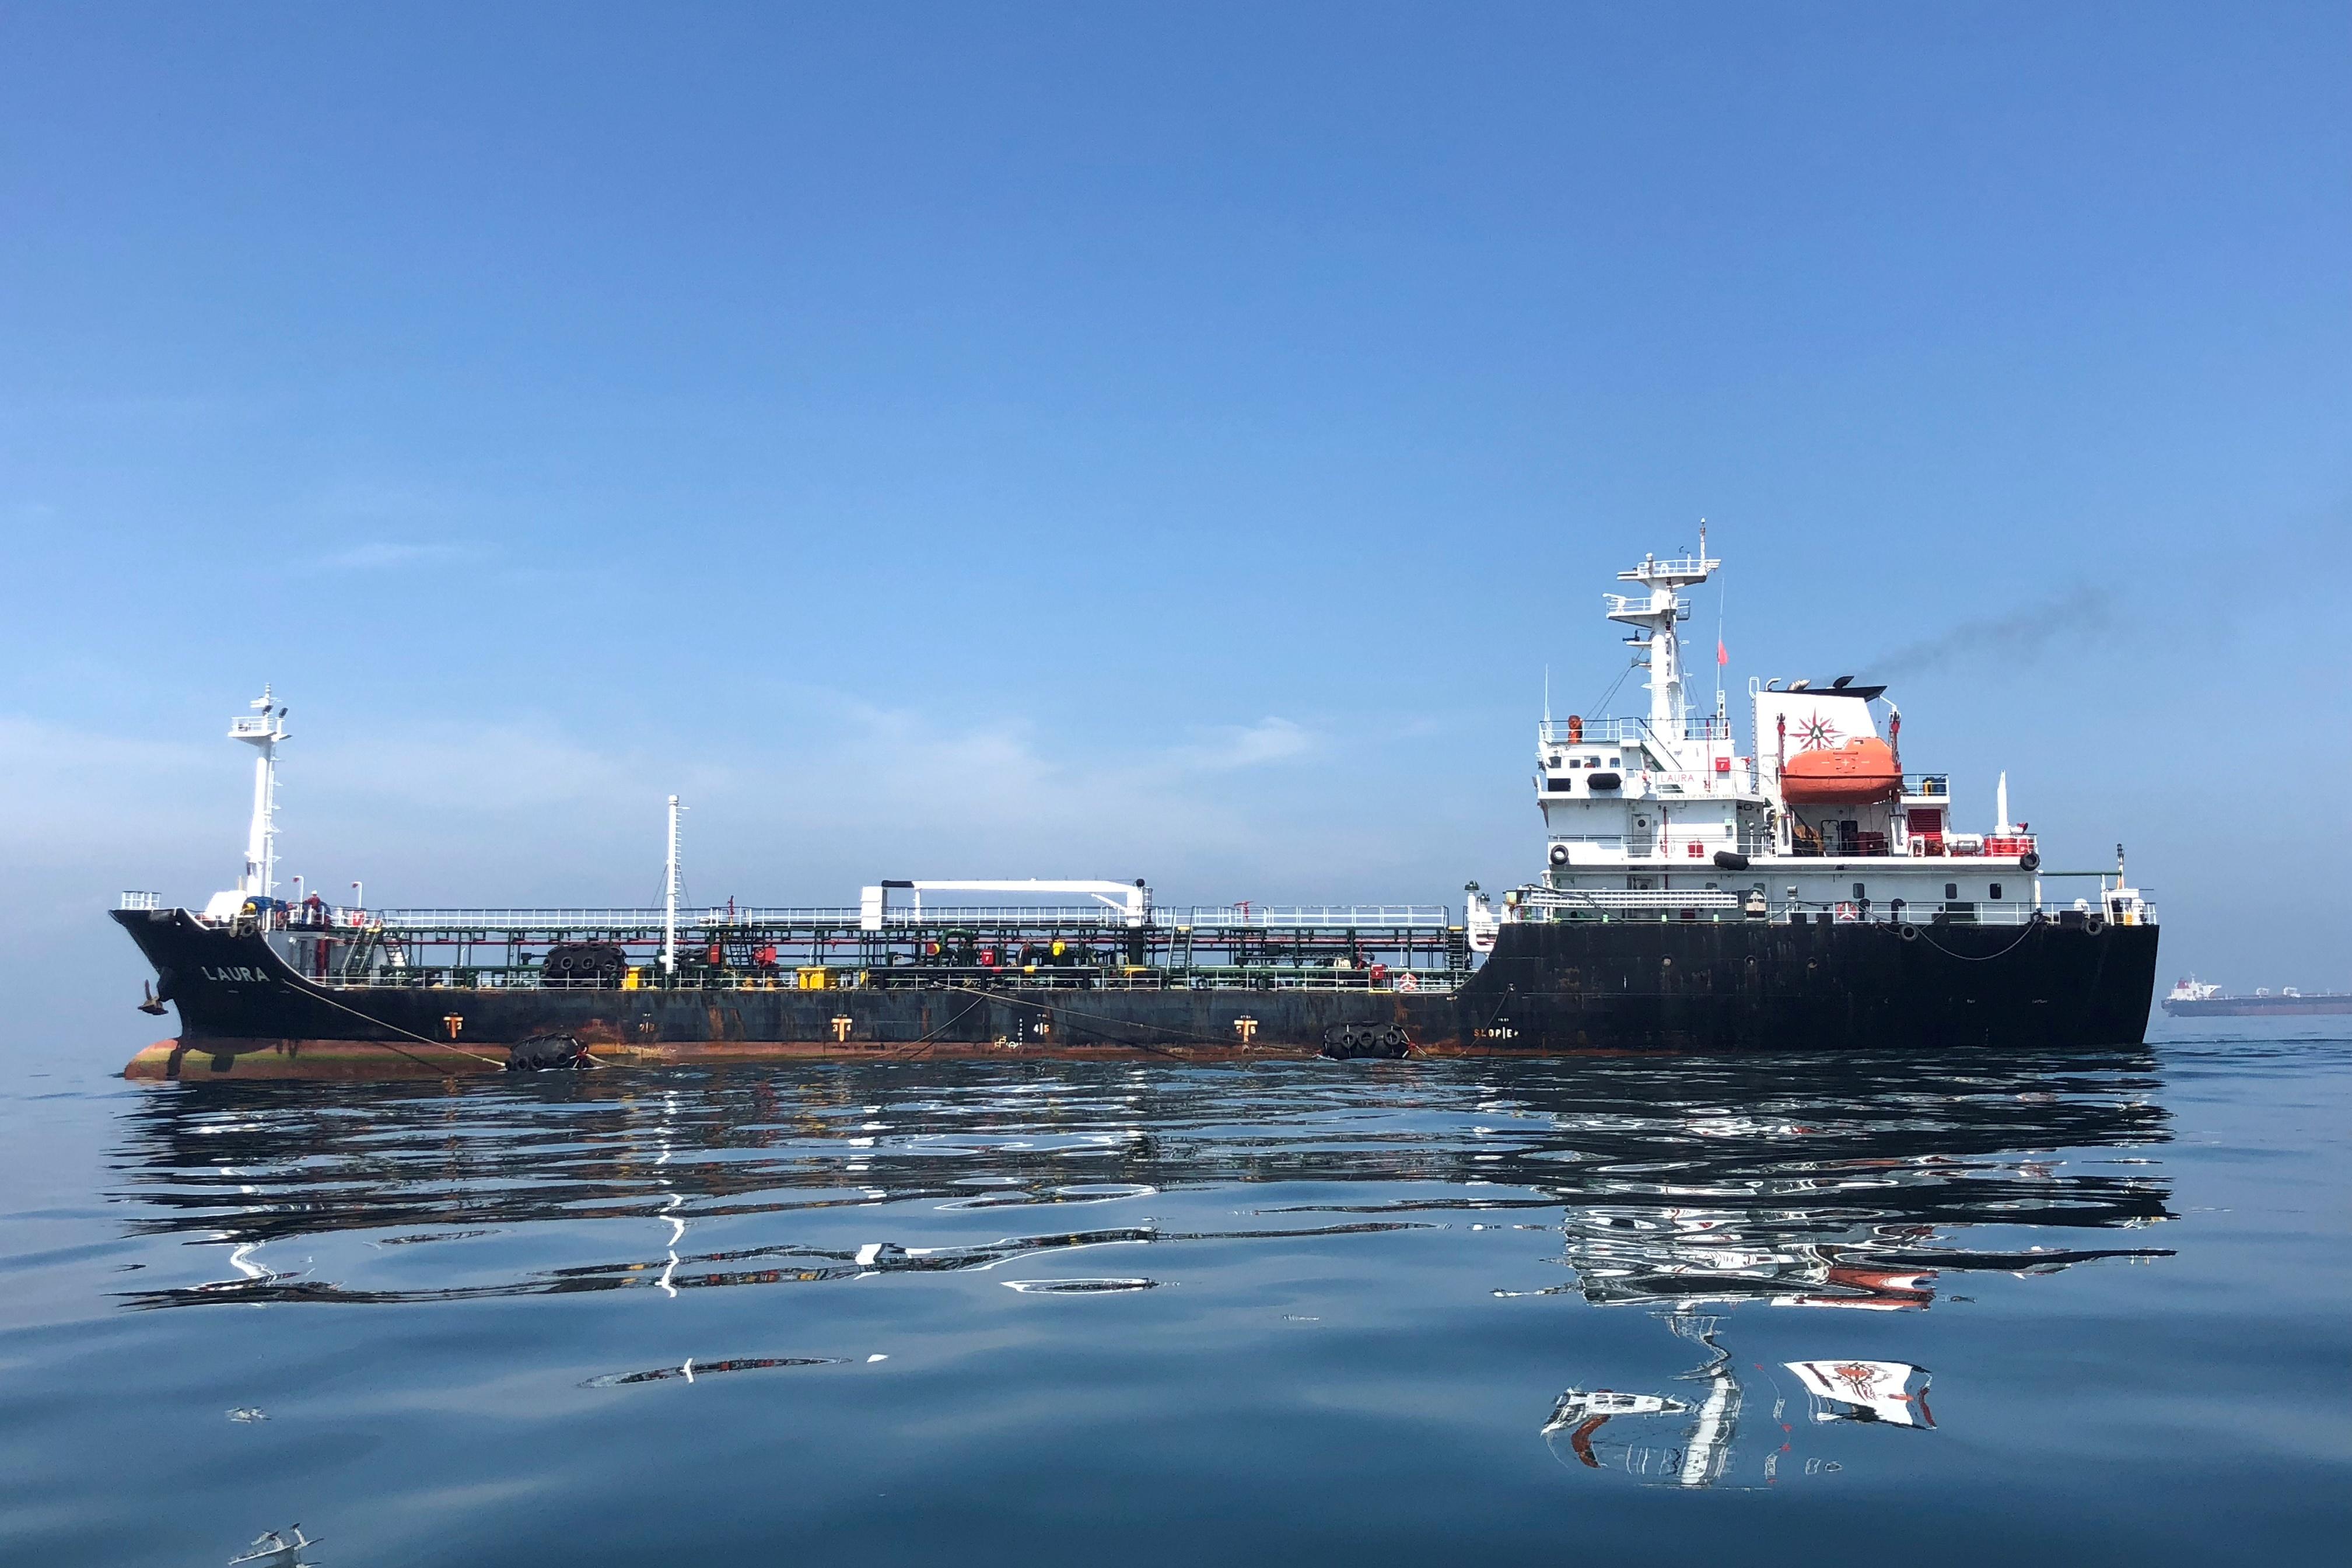 An oil tanker is seen in the sea outside the Puerto La Cruz oil refinery in Puerto La Cruz, Venezuela July 19, 2018. Picture taken July 19, 2018./File Photo